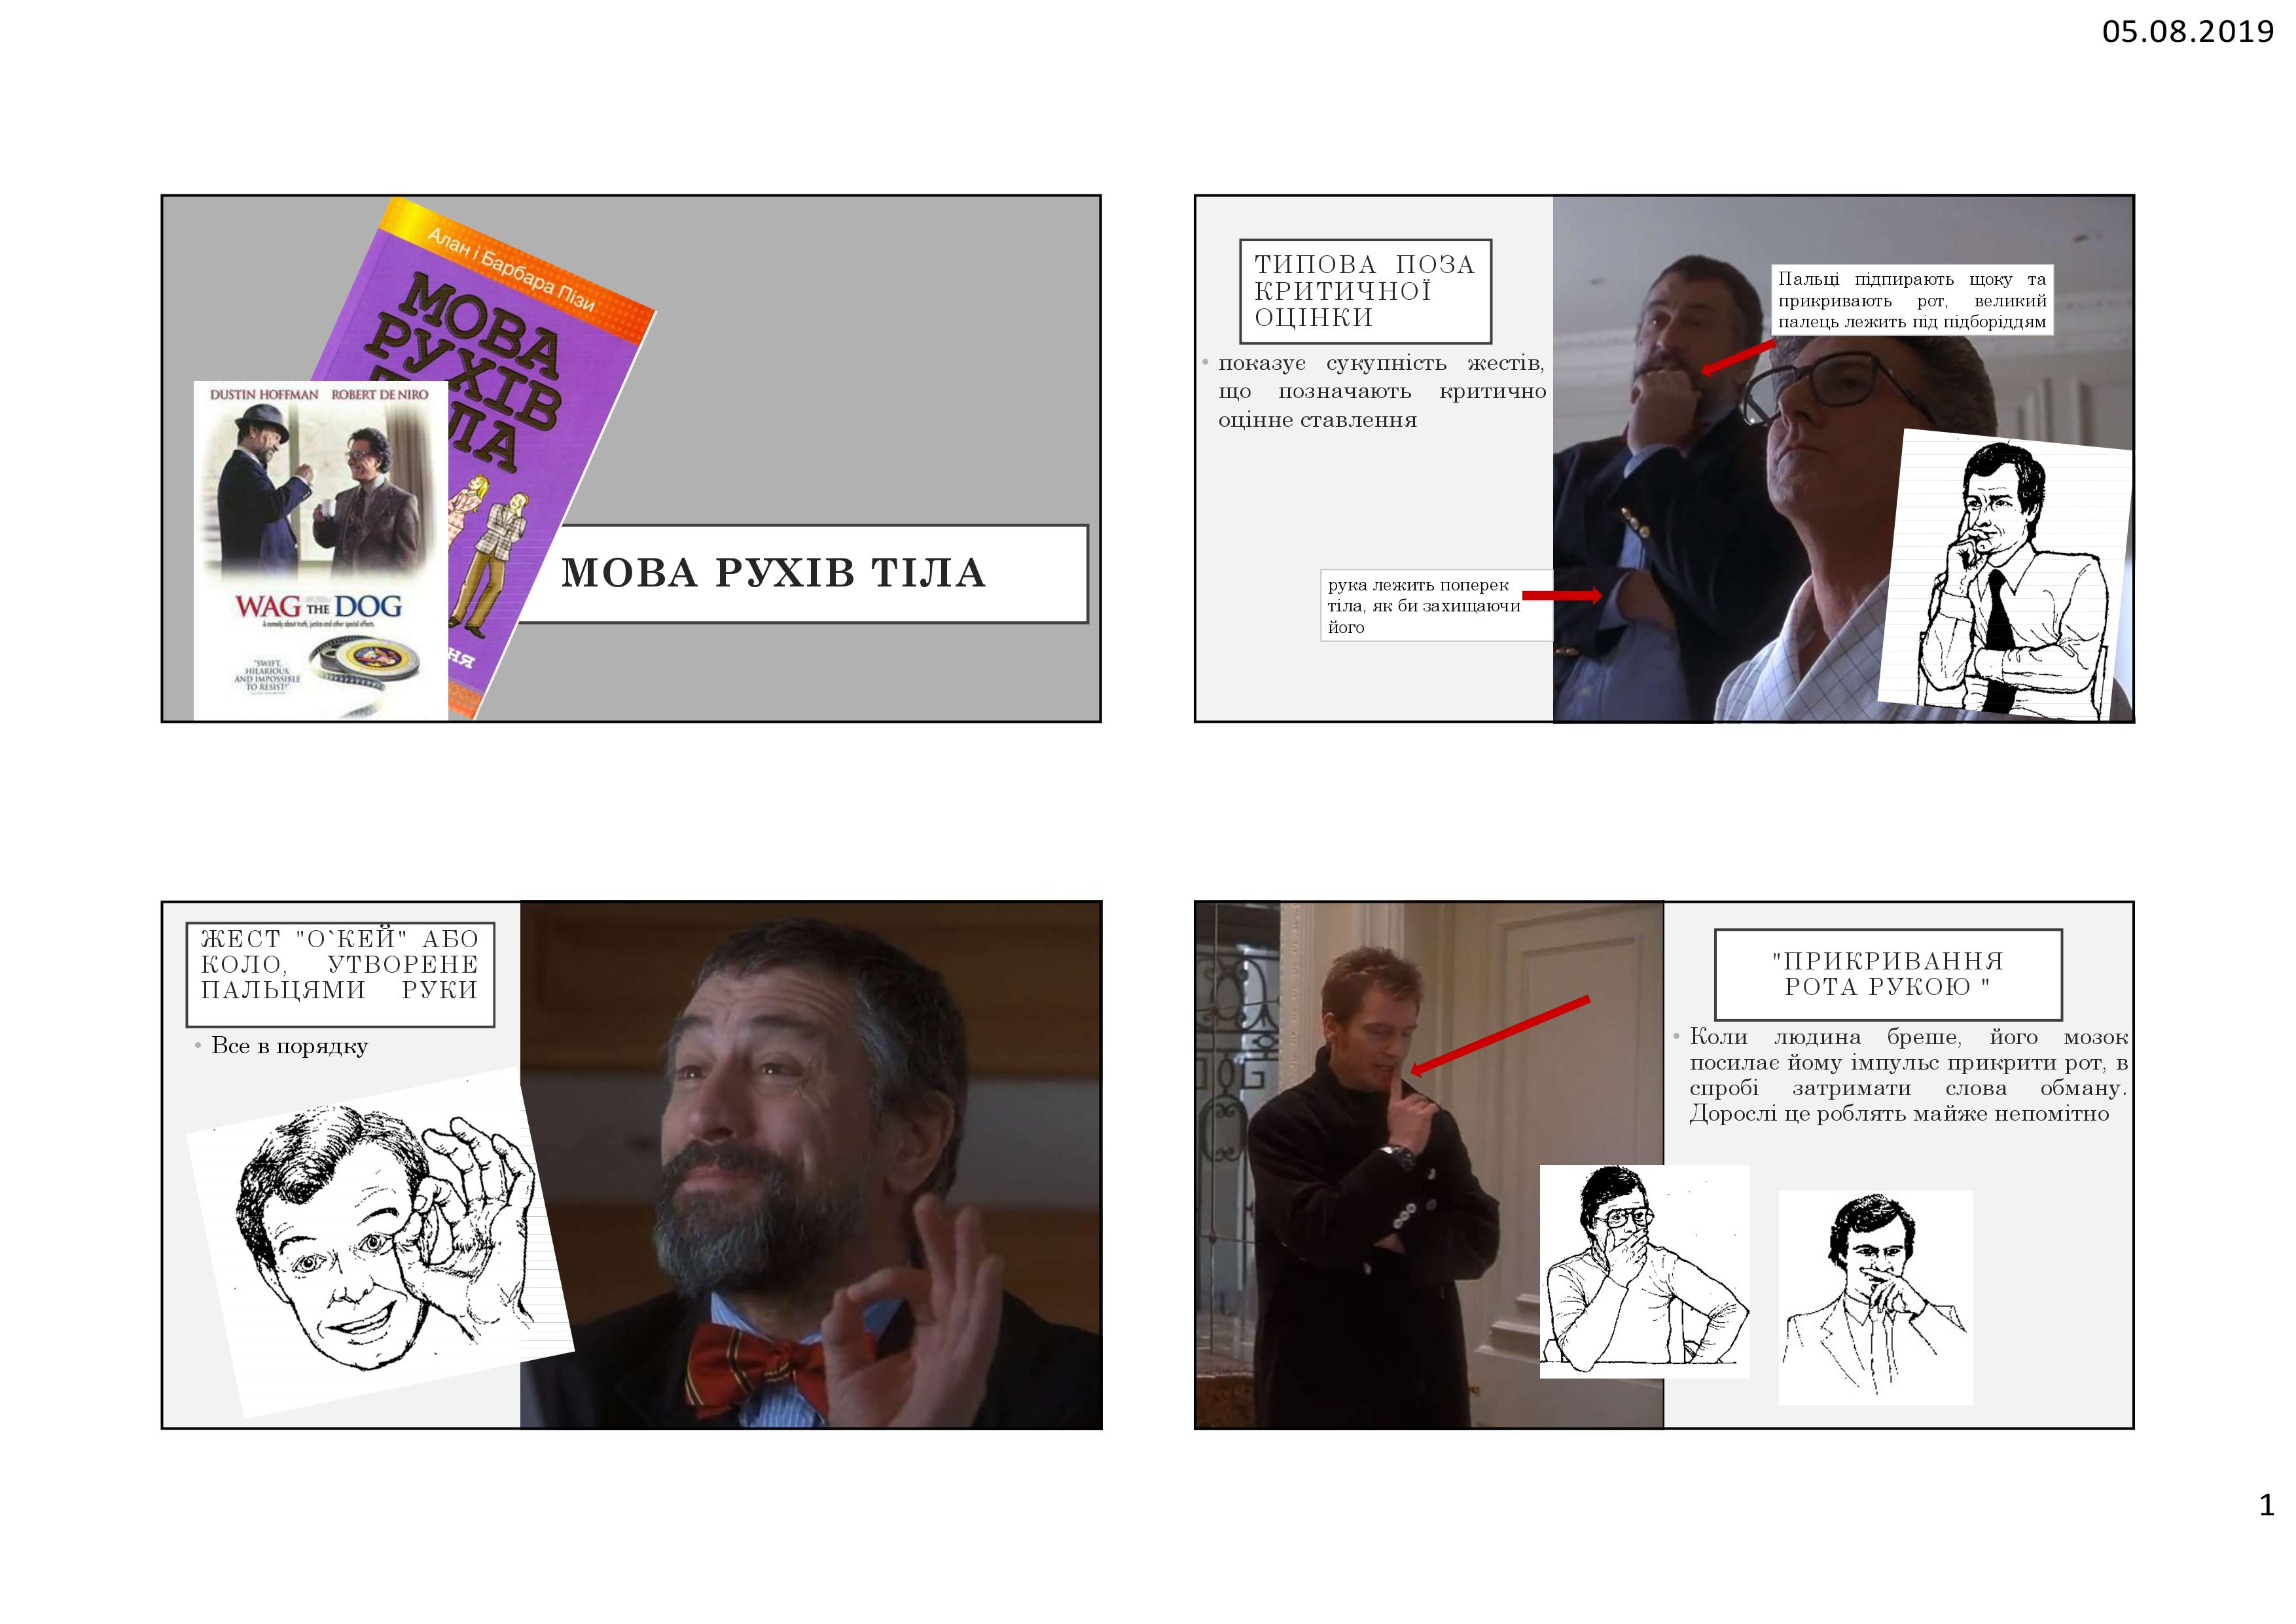 Фото Сравнительный анализ книги и фильма с примерами